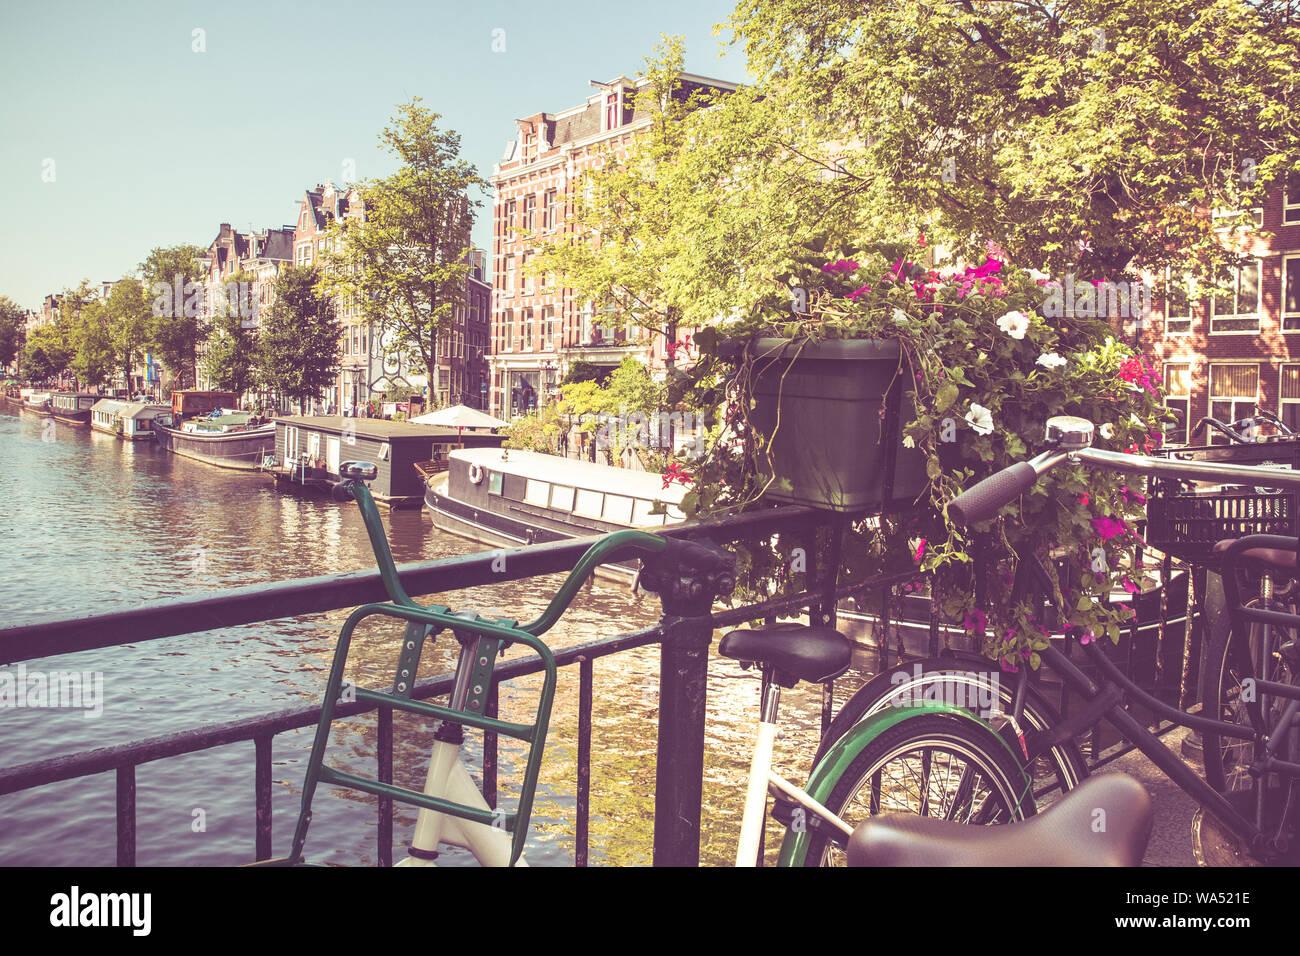 Amsterdam avec des vélos sur le pont sur un canal avec filtre de tonalité vintage. Banque D'Images